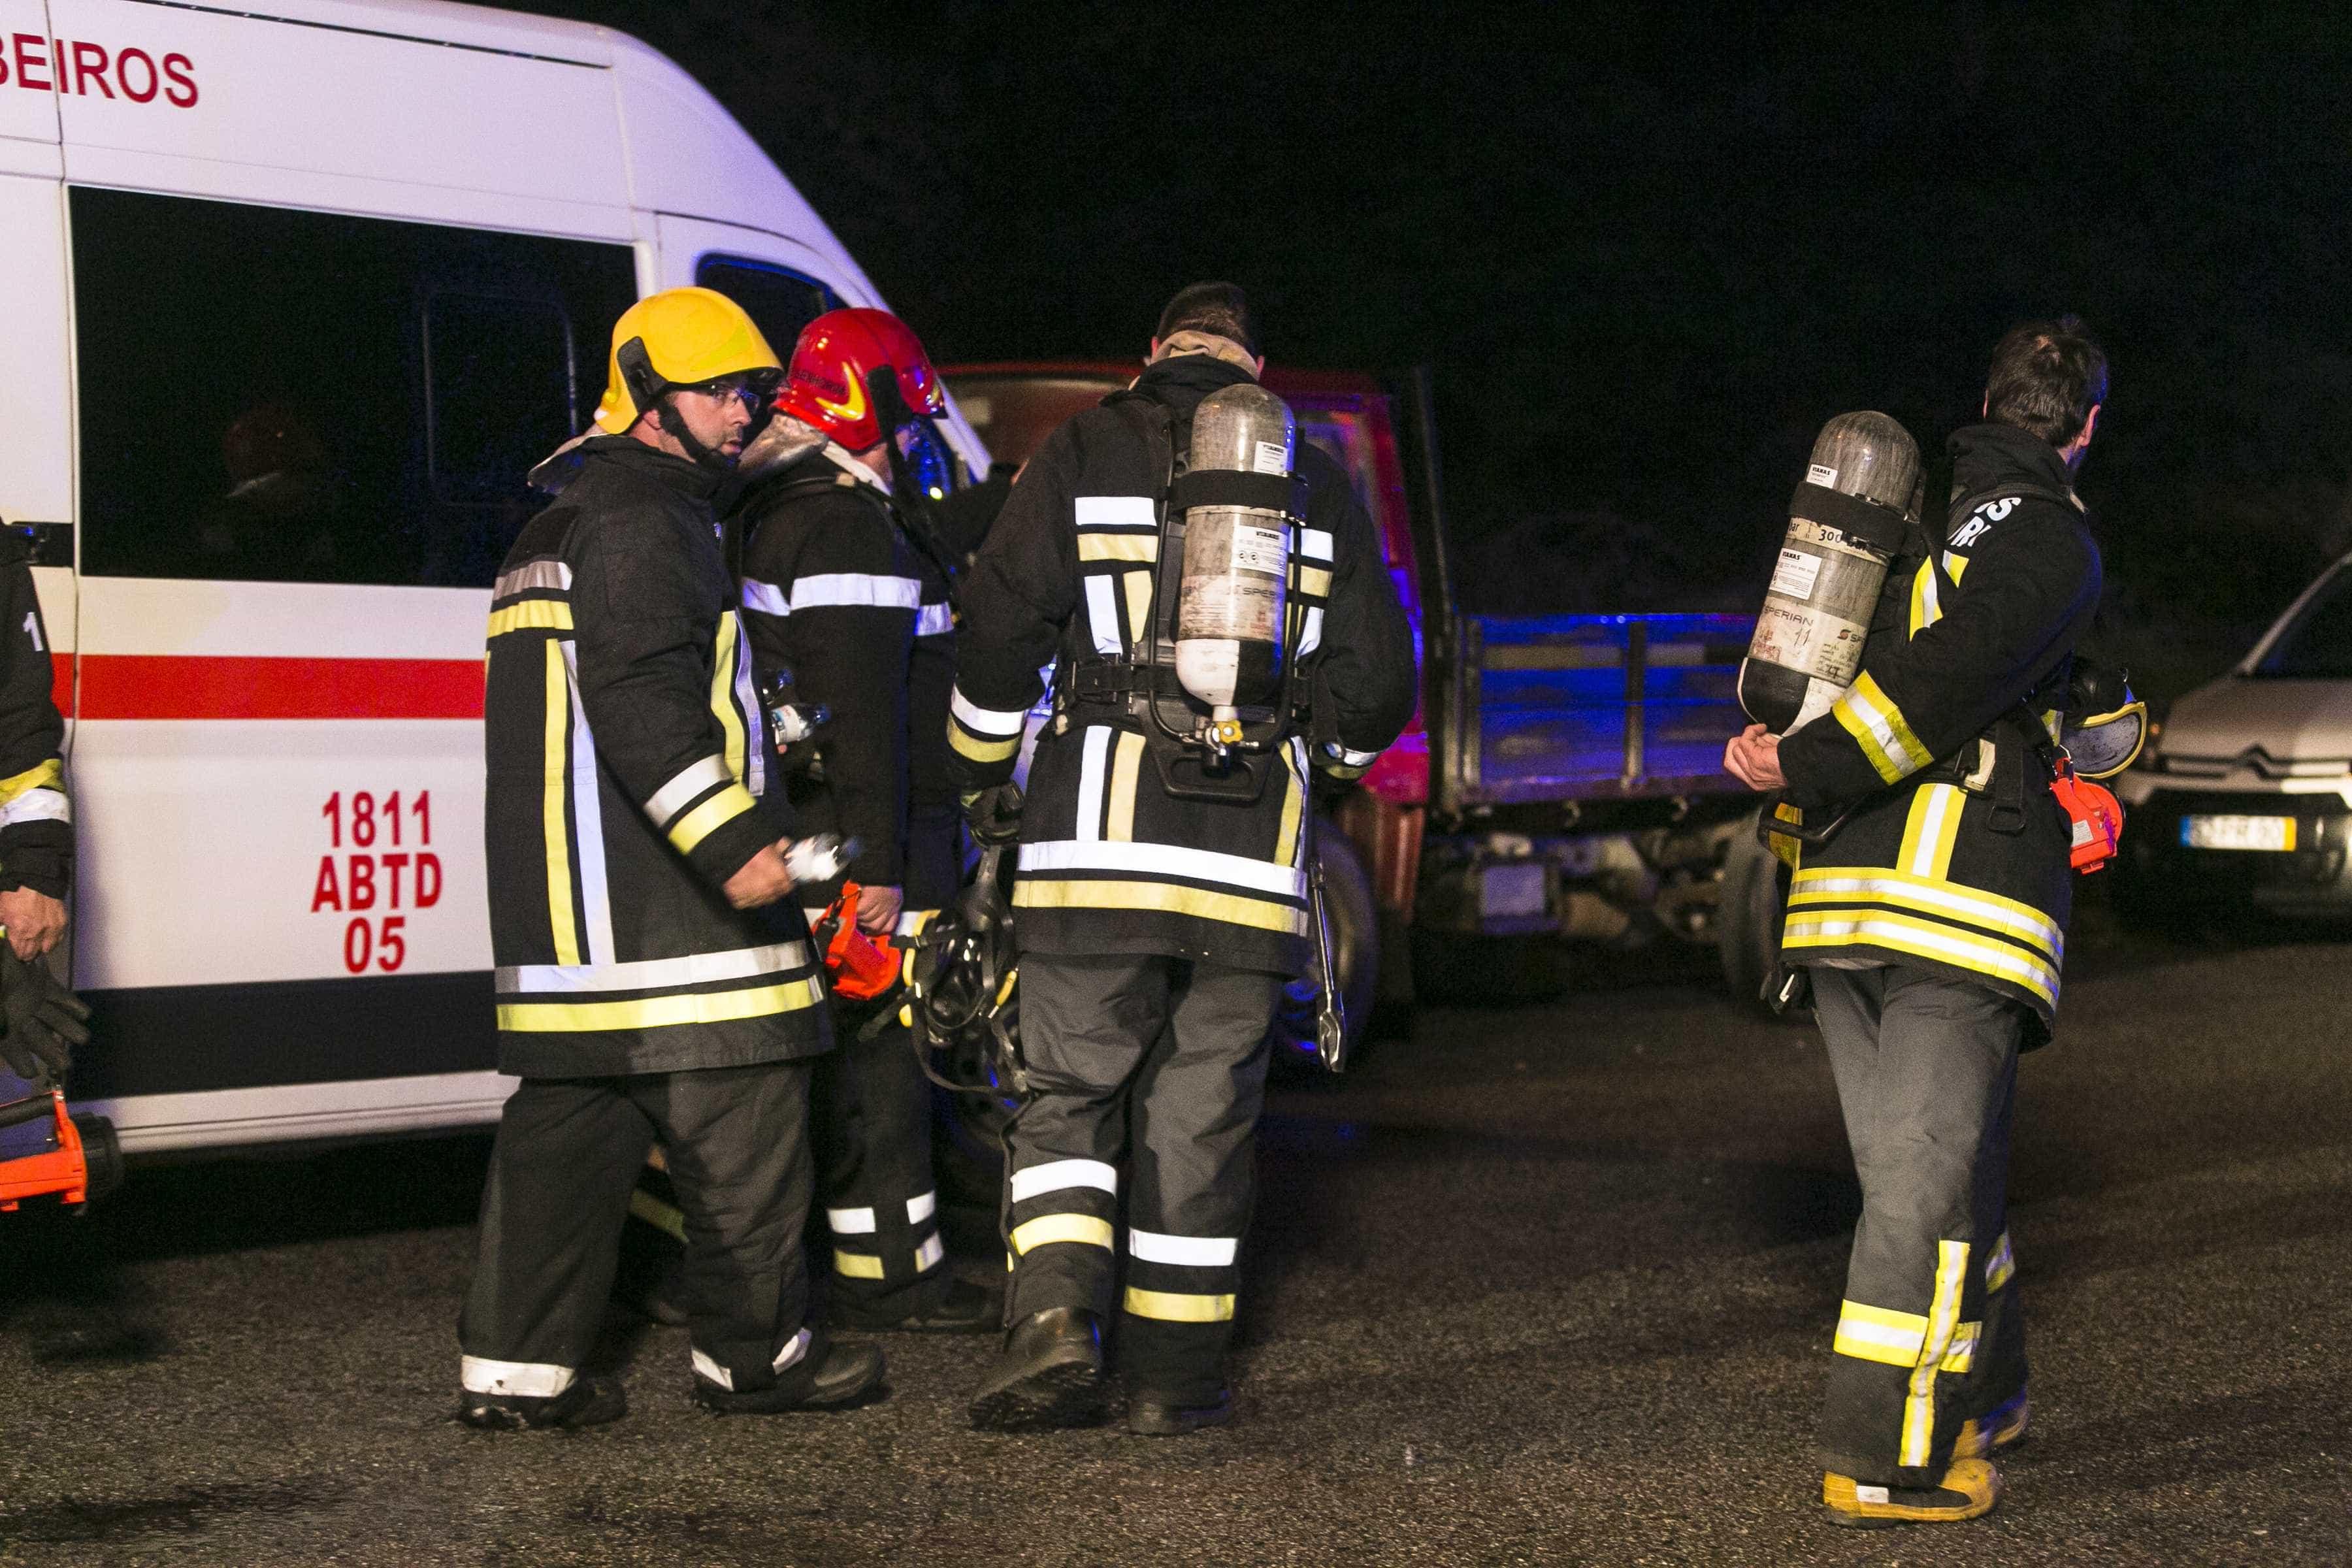 Incêndio em Campo de Ourique, em Lisboa, assusta moradores